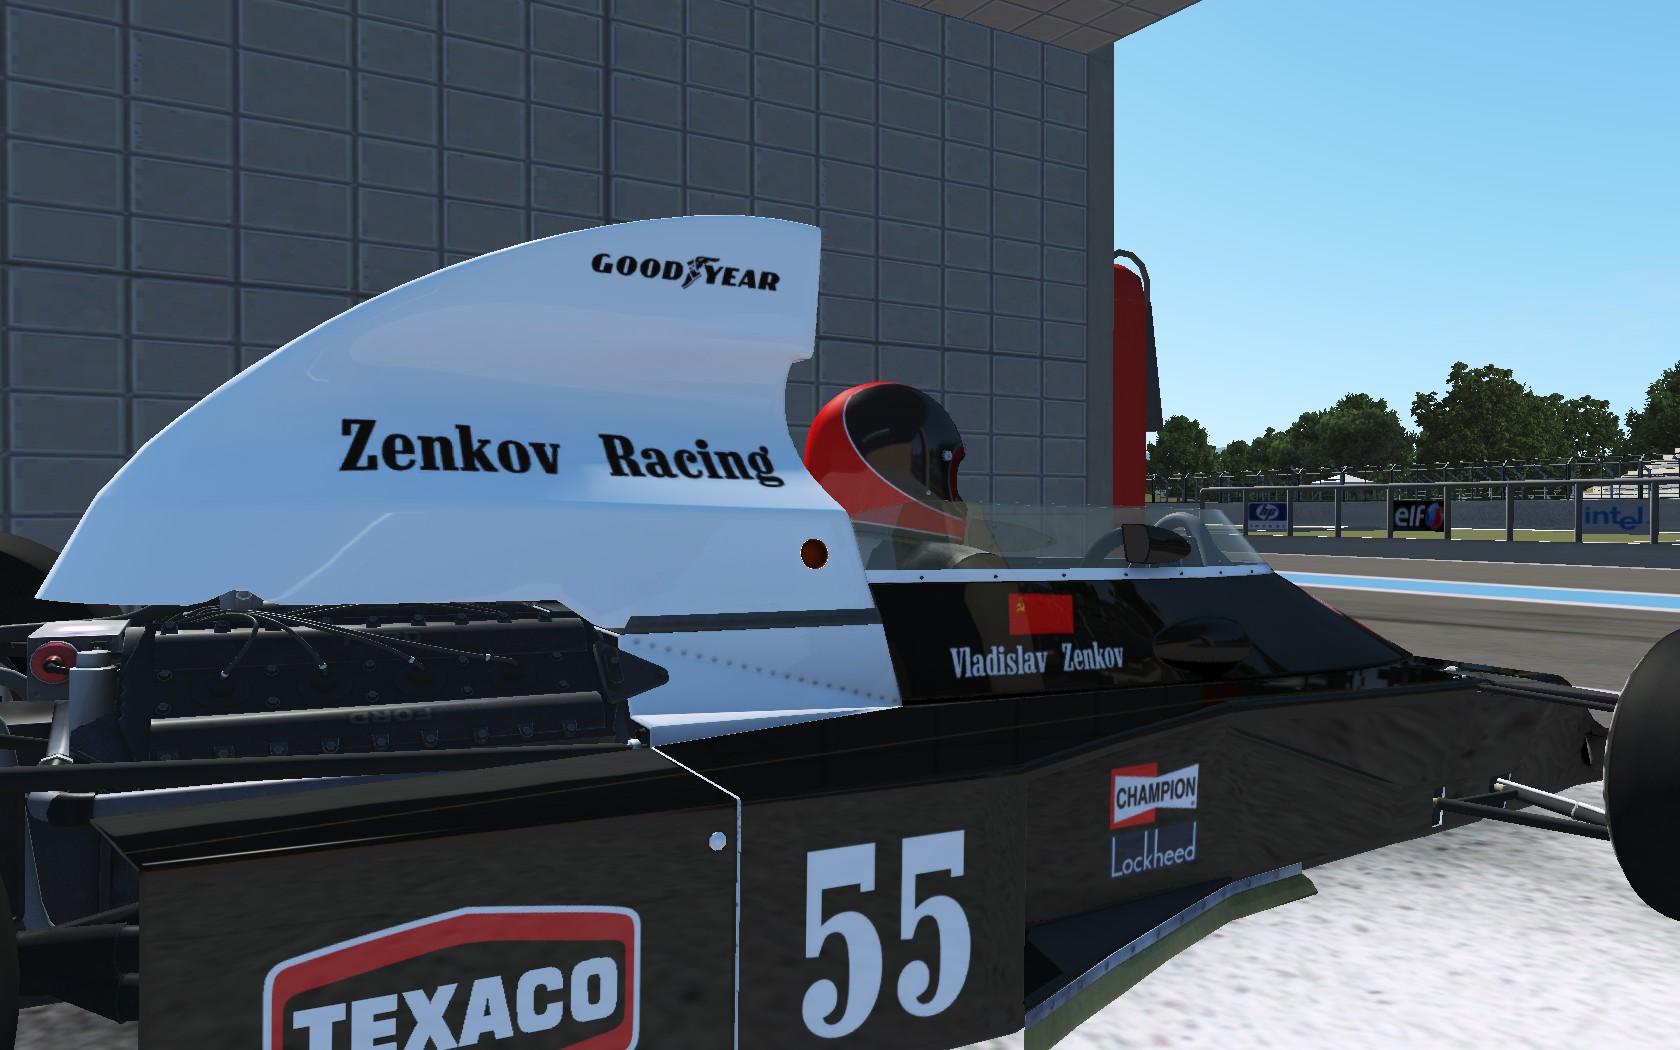 GP247 Speedweeks II - Grand Prix (March 21-April 4) IPn2VfoyEtQ